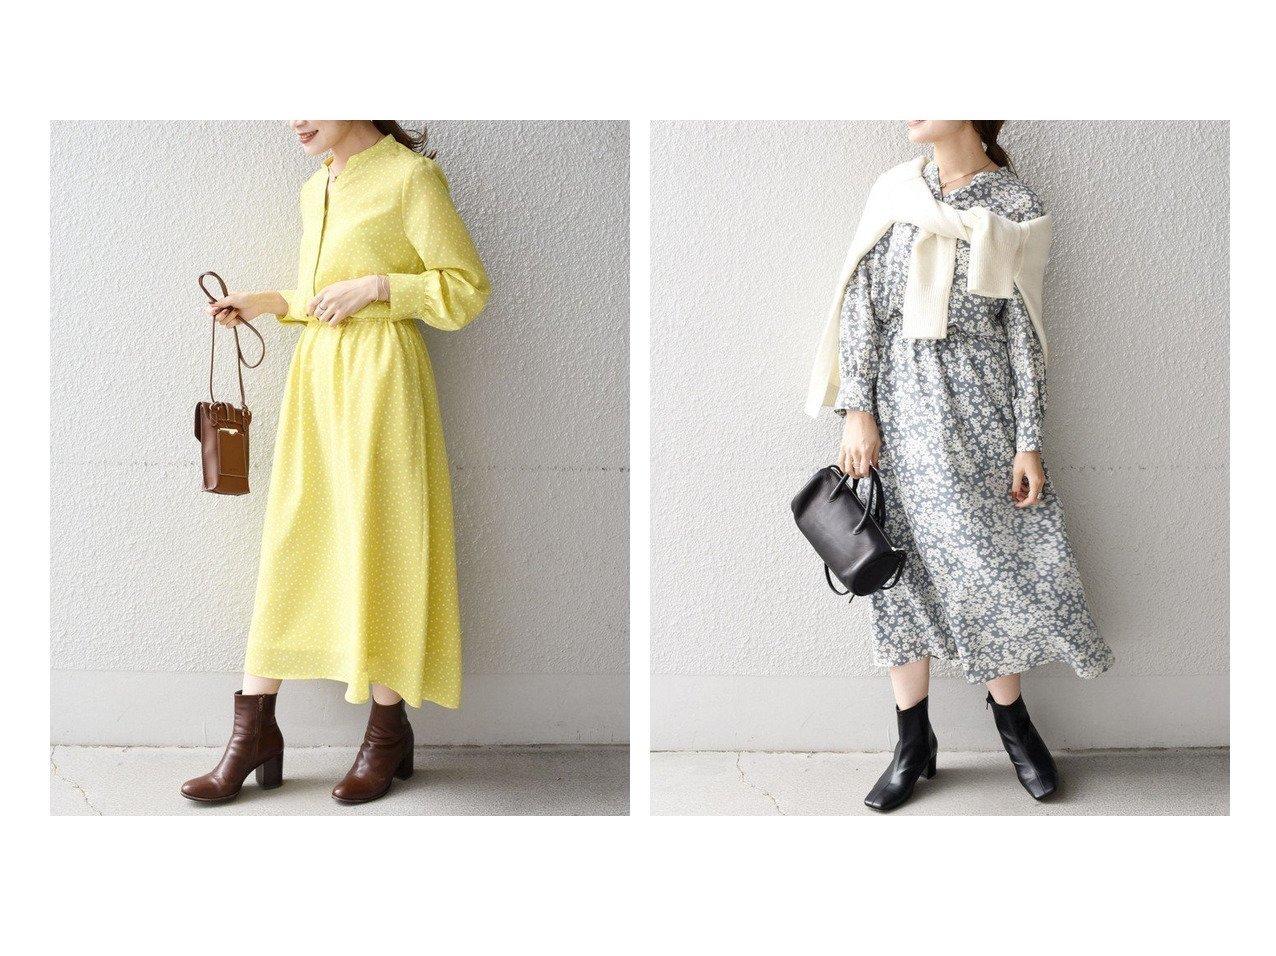 【SHIPS/シップス フォー ウィメン】の【WEB限定】【手洗い可能】プリントロングスリーブVネックワンピース ワンピース・ドレスのおすすめ!人気、トレンド・レディースファッションの通販 おすすめで人気の流行・トレンド、ファッションの通販商品 メンズファッション・キッズファッション・インテリア・家具・レディースファッション・服の通販 founy(ファニー) https://founy.com/ ファッション Fashion レディースファッション WOMEN ワンピース Dress 春 Spring 定番 Standard プリント ルーズ 冬 Winter 再入荷 Restock/Back in Stock/Re Arrival  ID:crp329100000024063